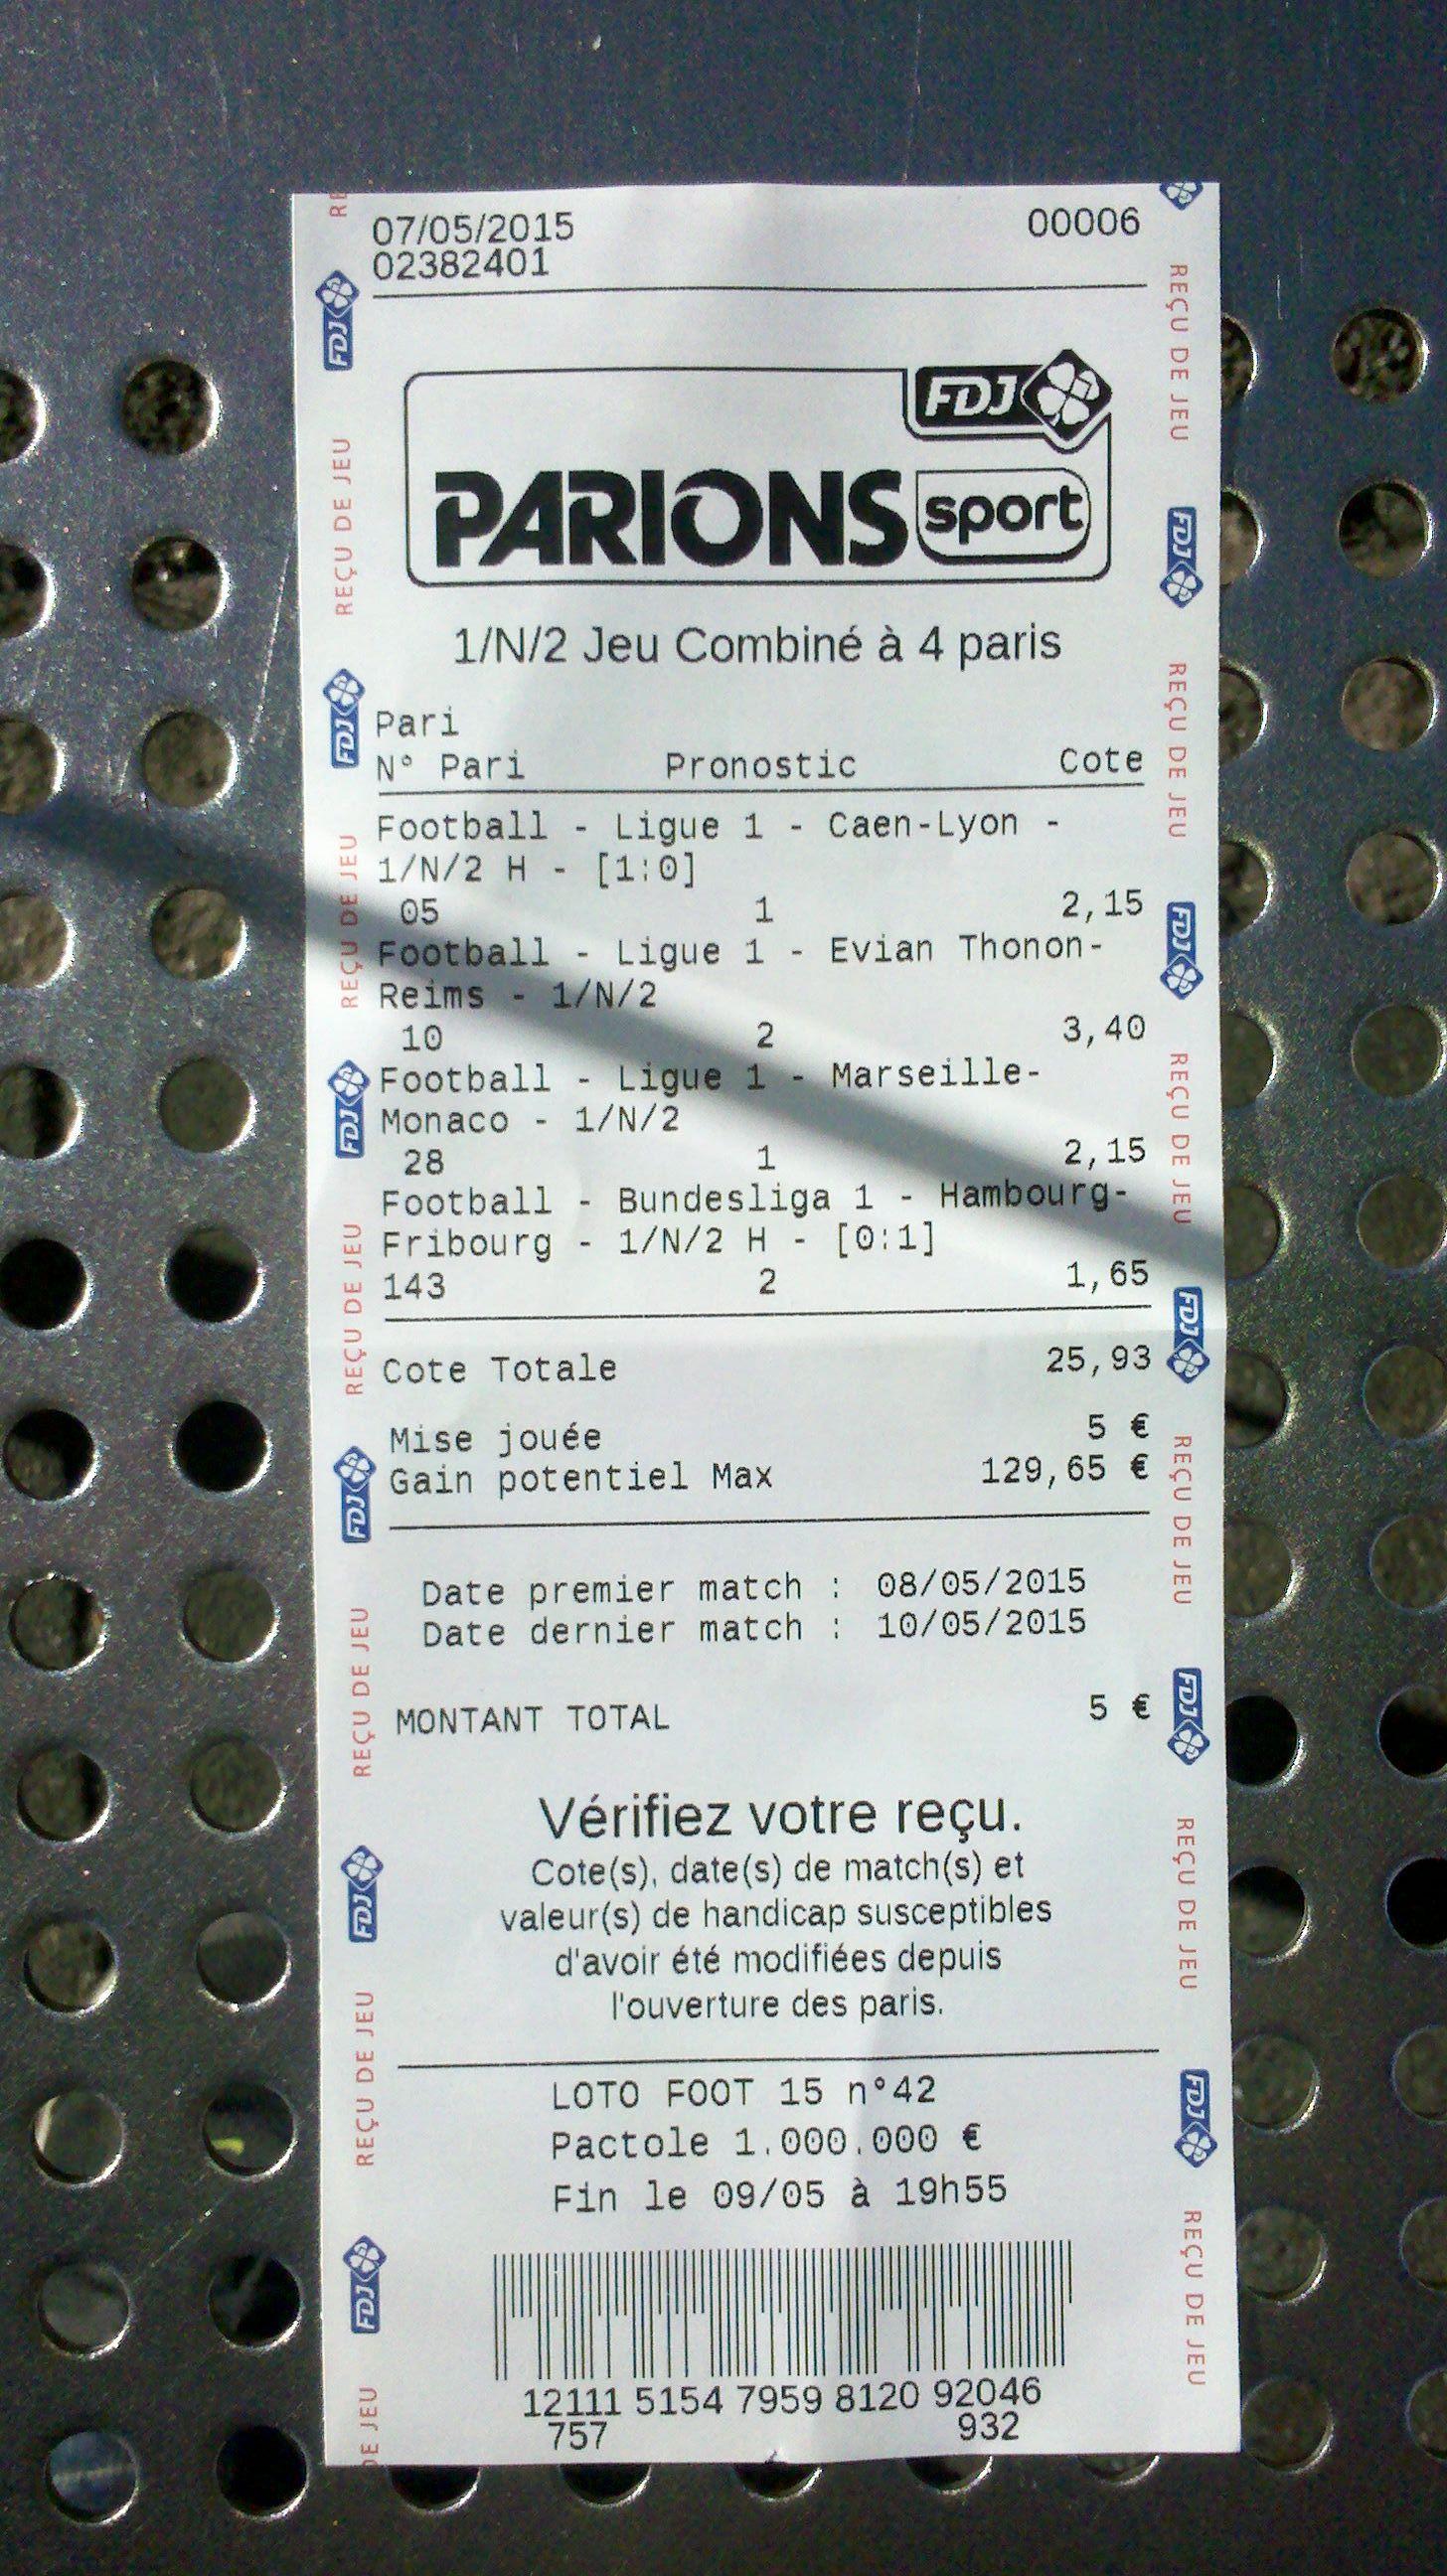 Quint de tof du vendredi 8 mai chantilly prix de la chartreuse - Grille des matchs parions sport ...